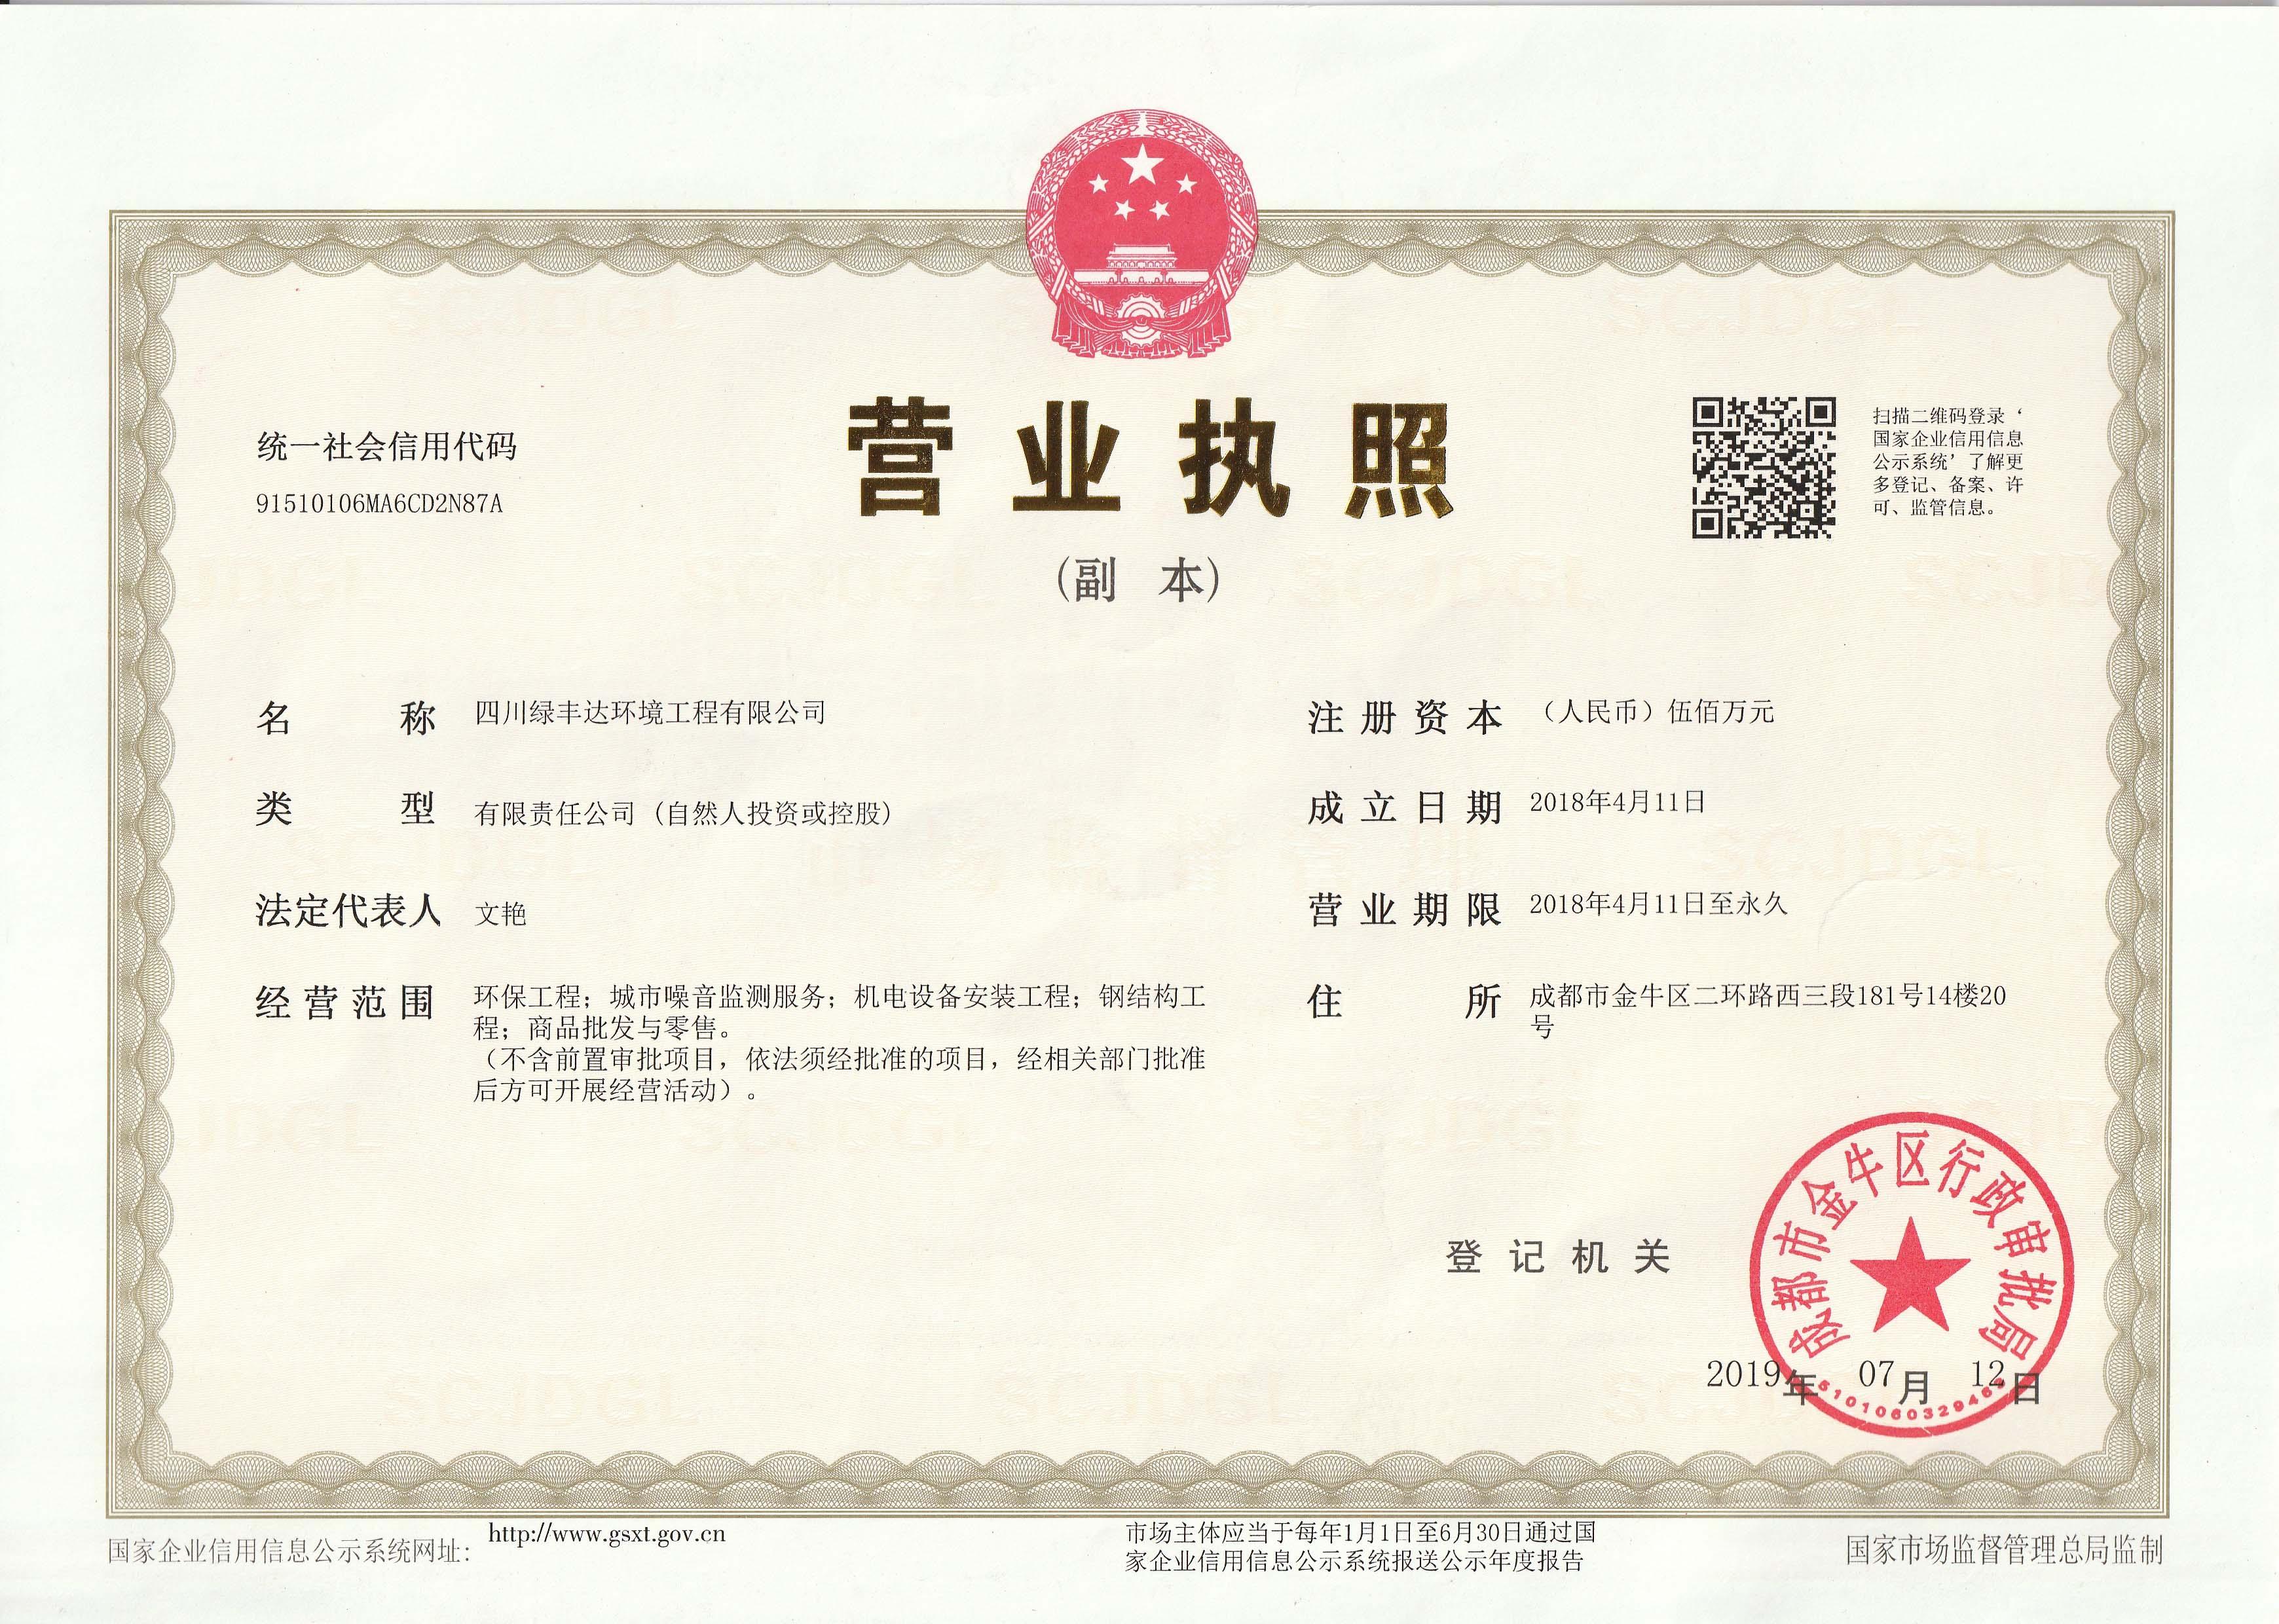 四川绿丰达环境工程有限公司